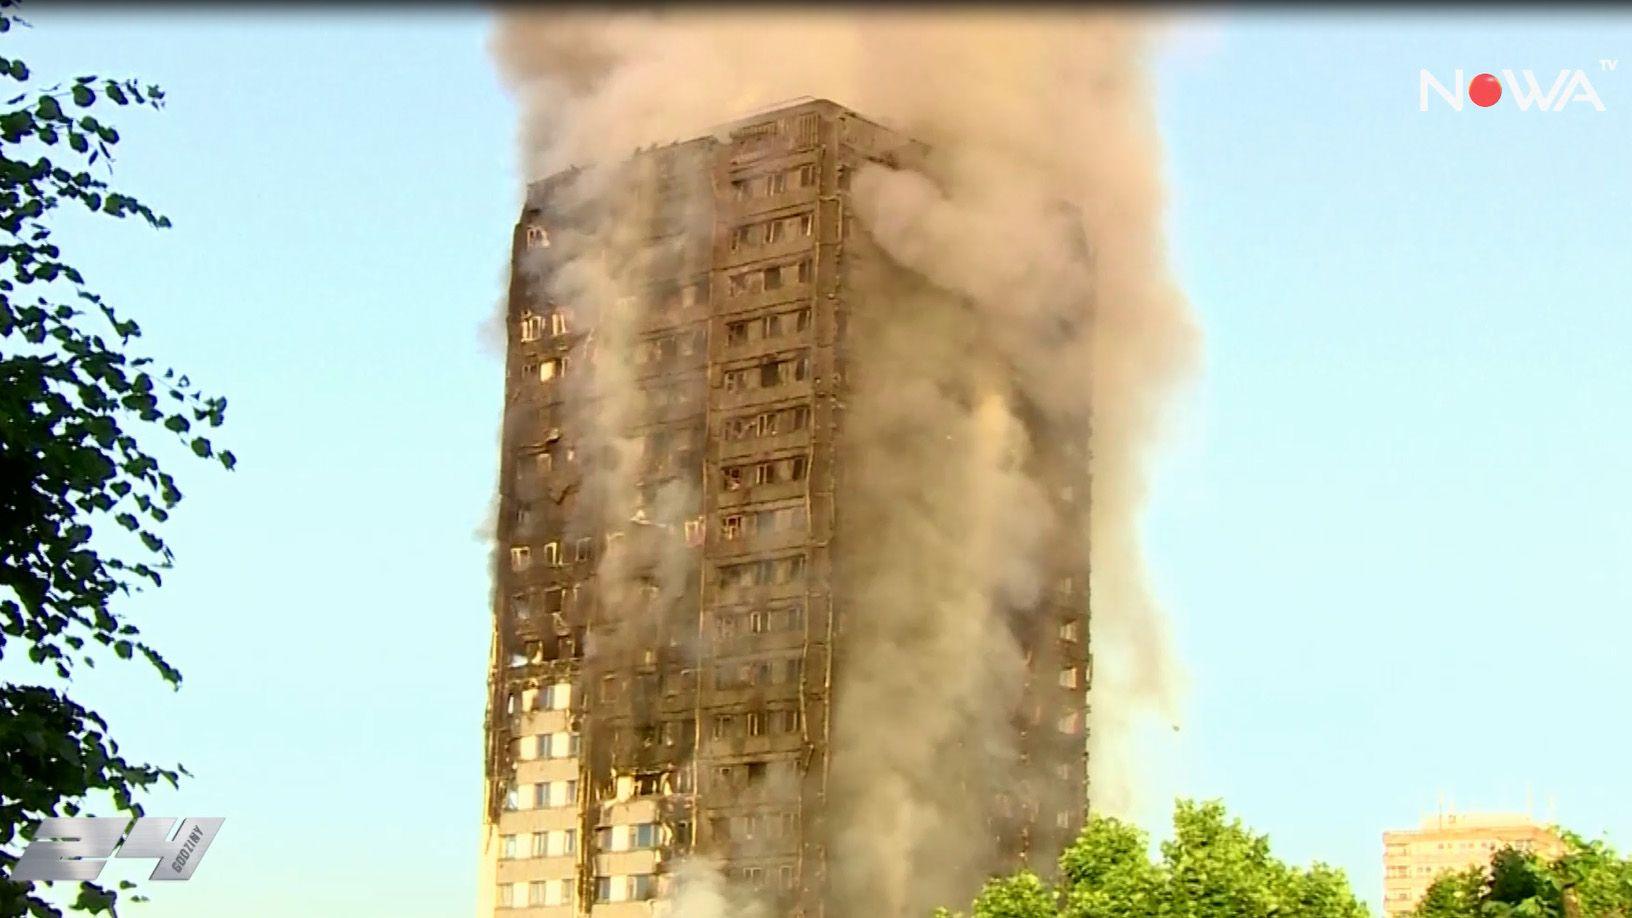 79 ofiar pożaru Grenfell Tower